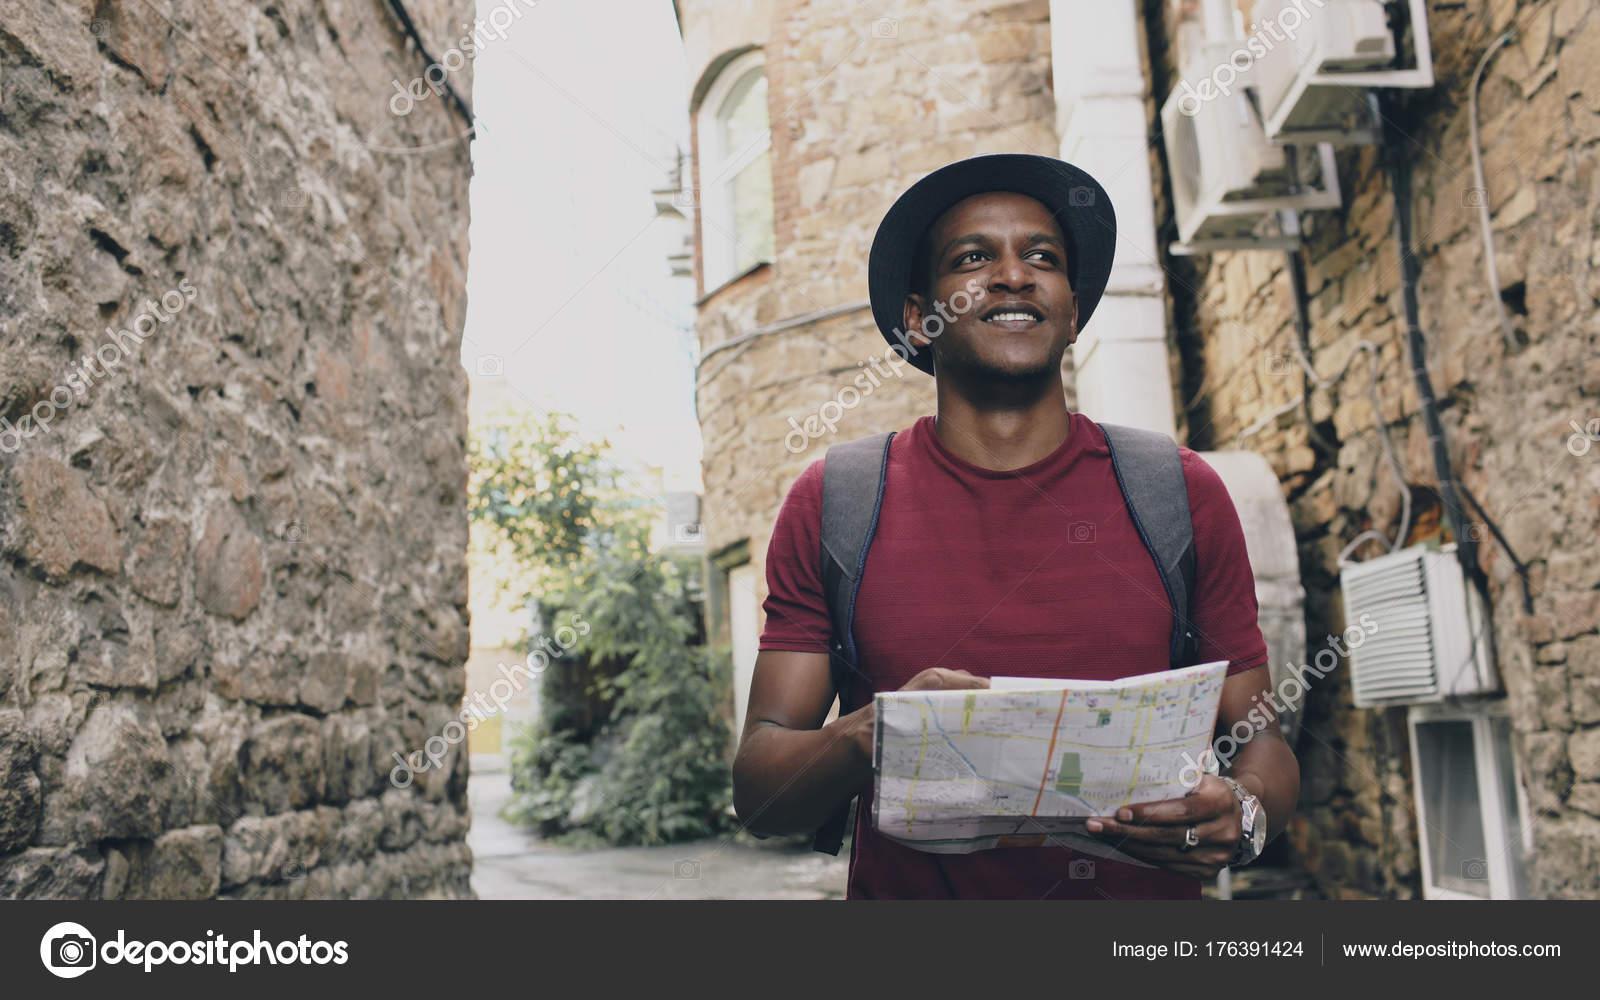 karta europa vägbeskrivning African american turist man gå och titta på papper stadskarta att  karta europa vägbeskrivning